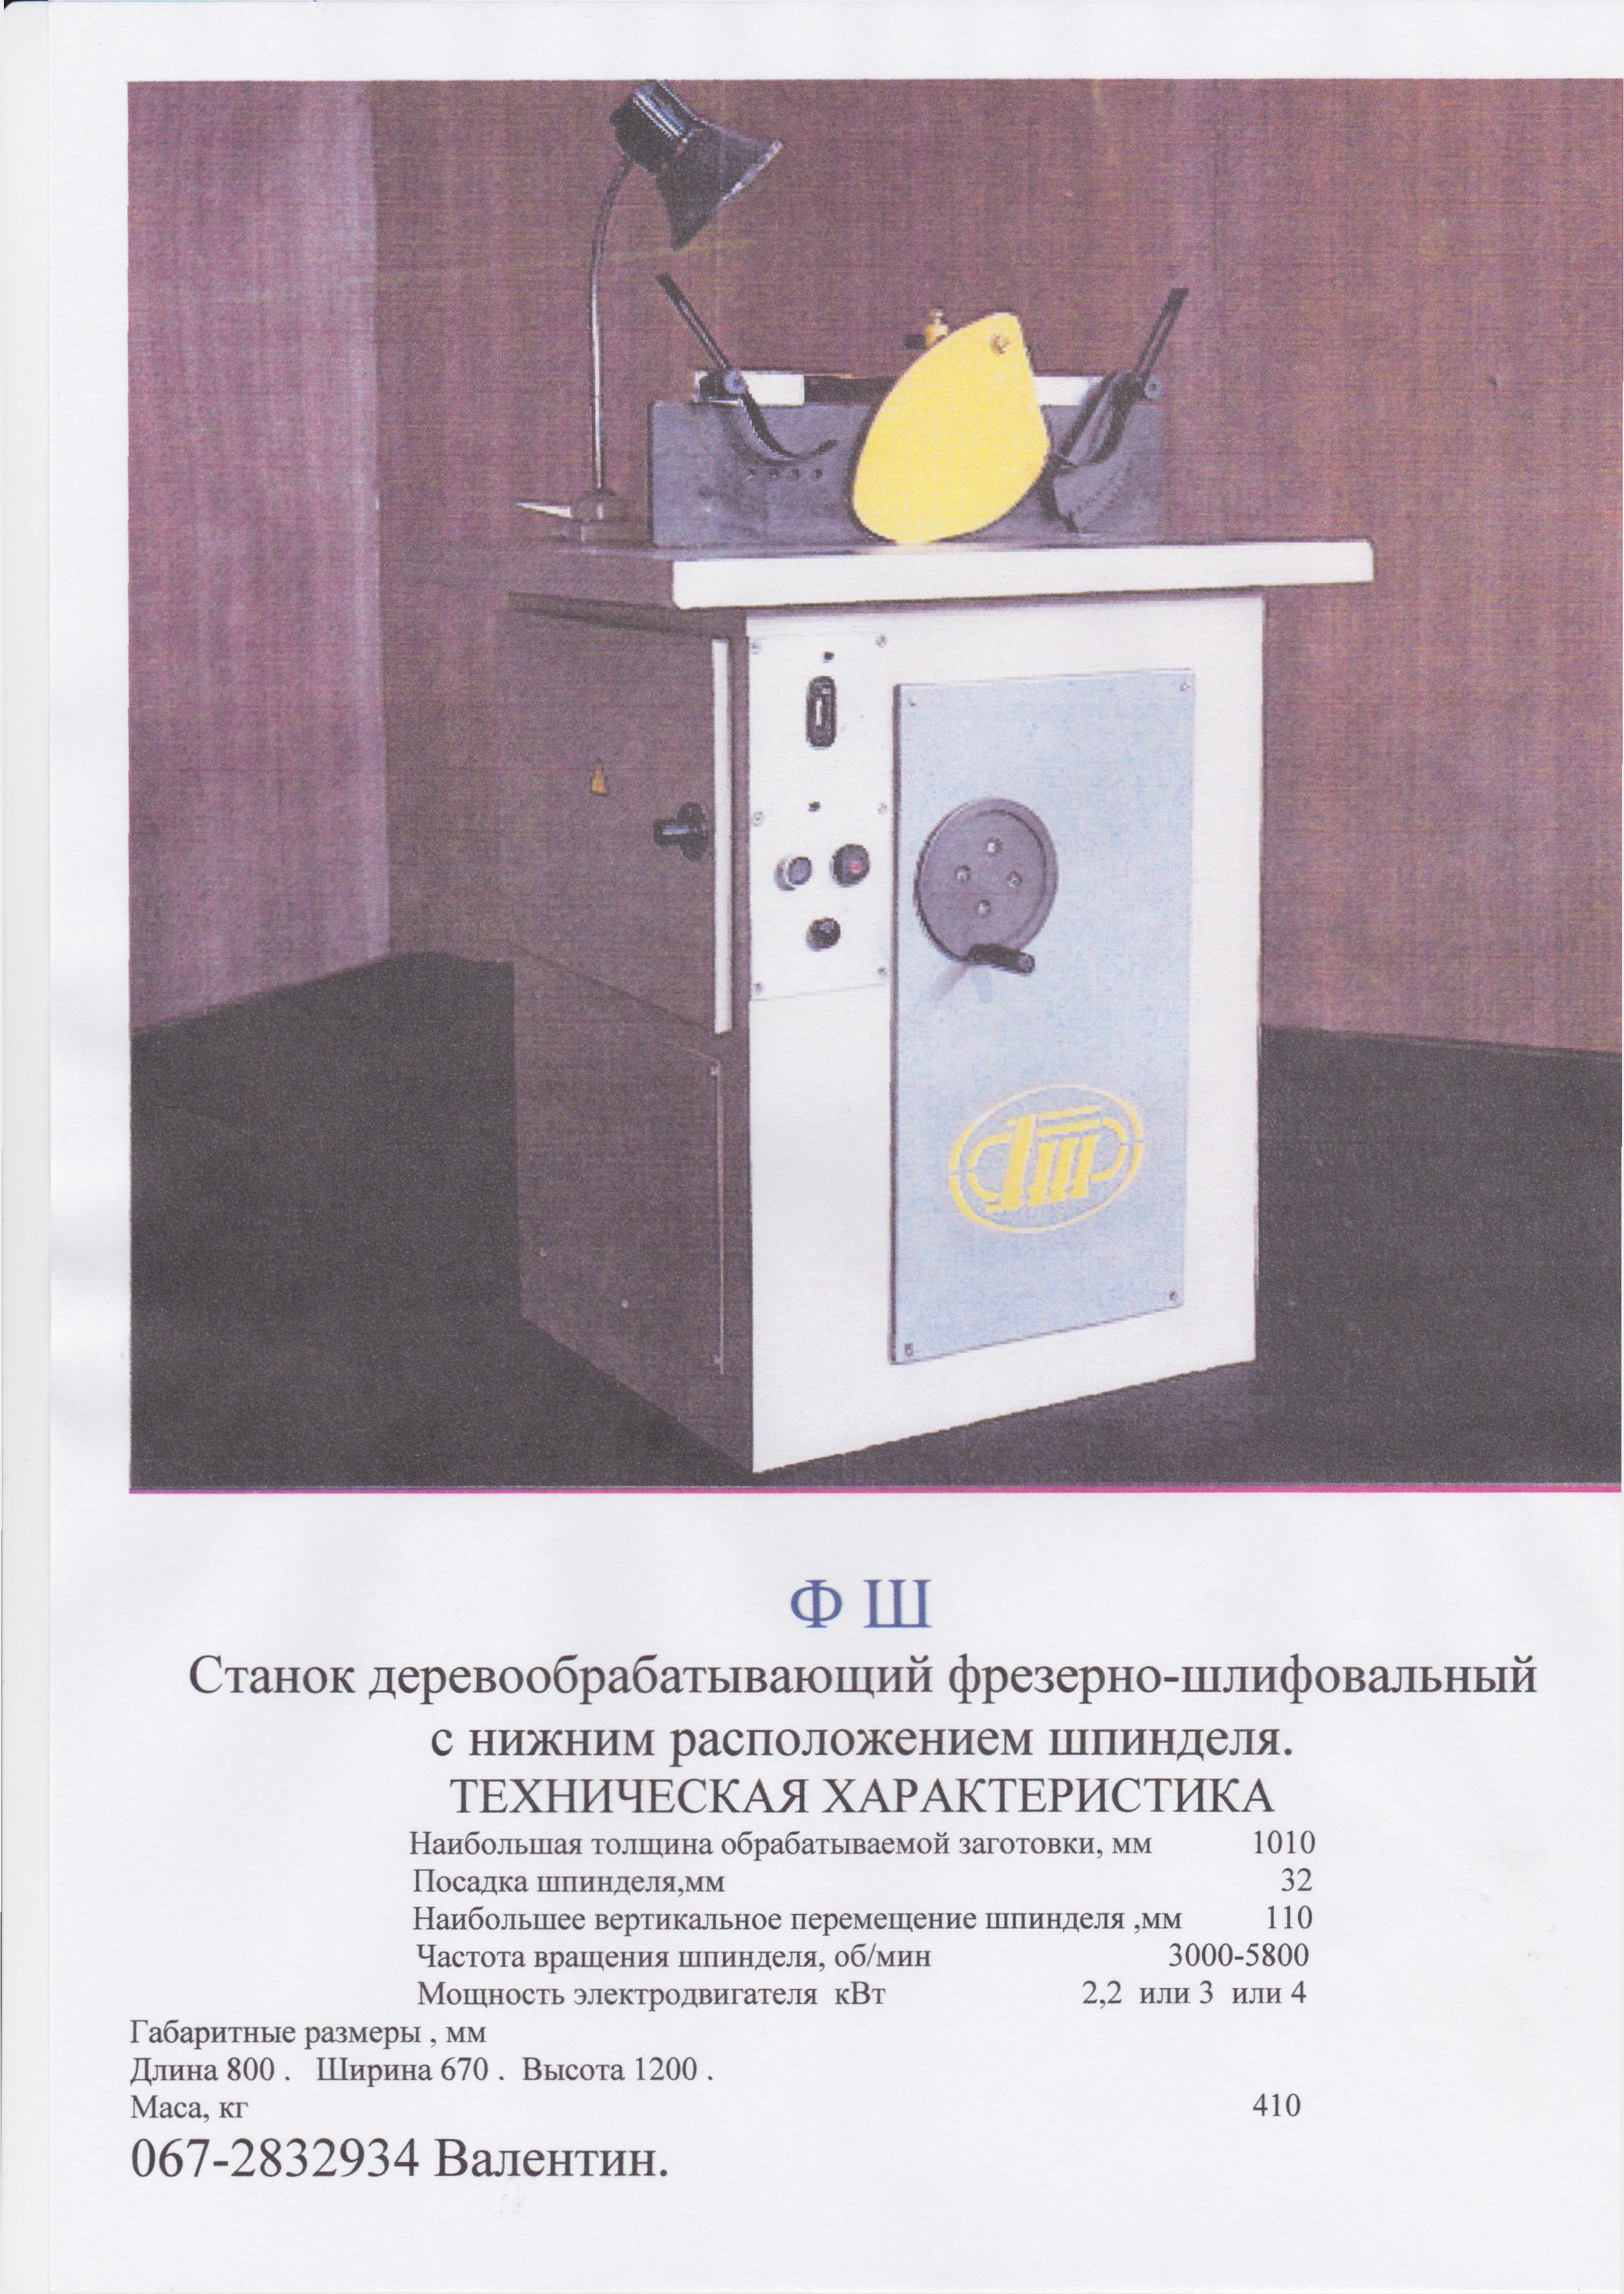 Вертикально-фрезерний верстат, зображення 1